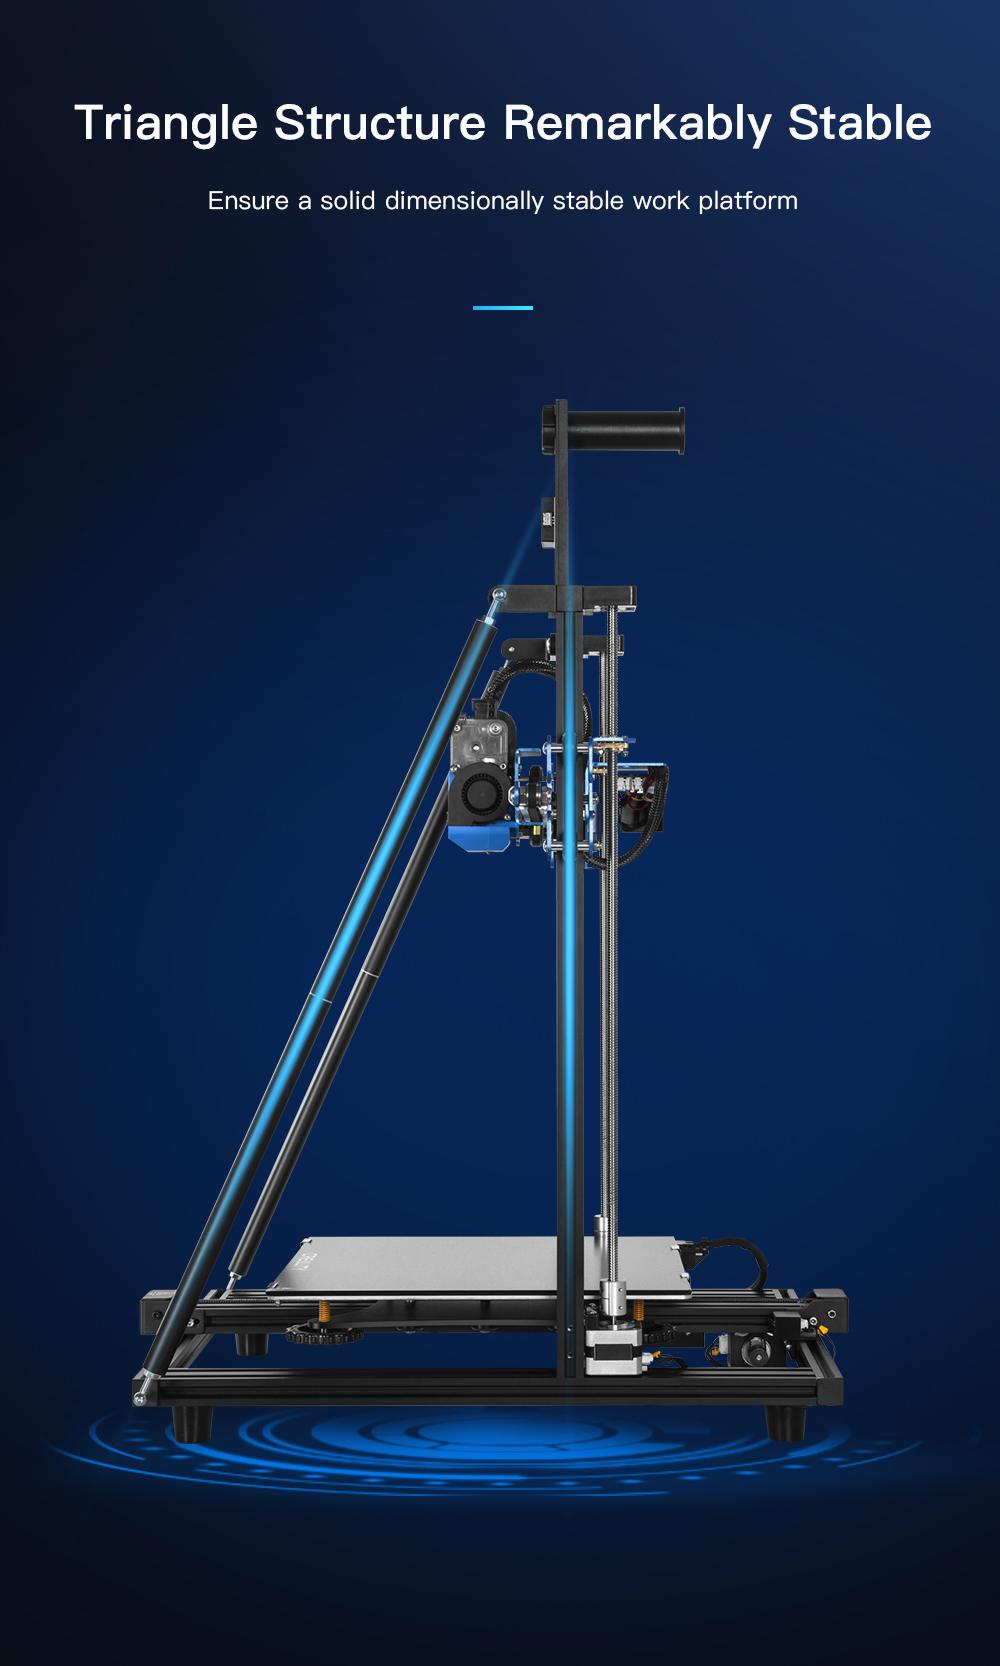 Creality3D CR-10 V3 3D-Drucker Bausatz - 300x300x400mm - Stabile Dreiecksstruktur